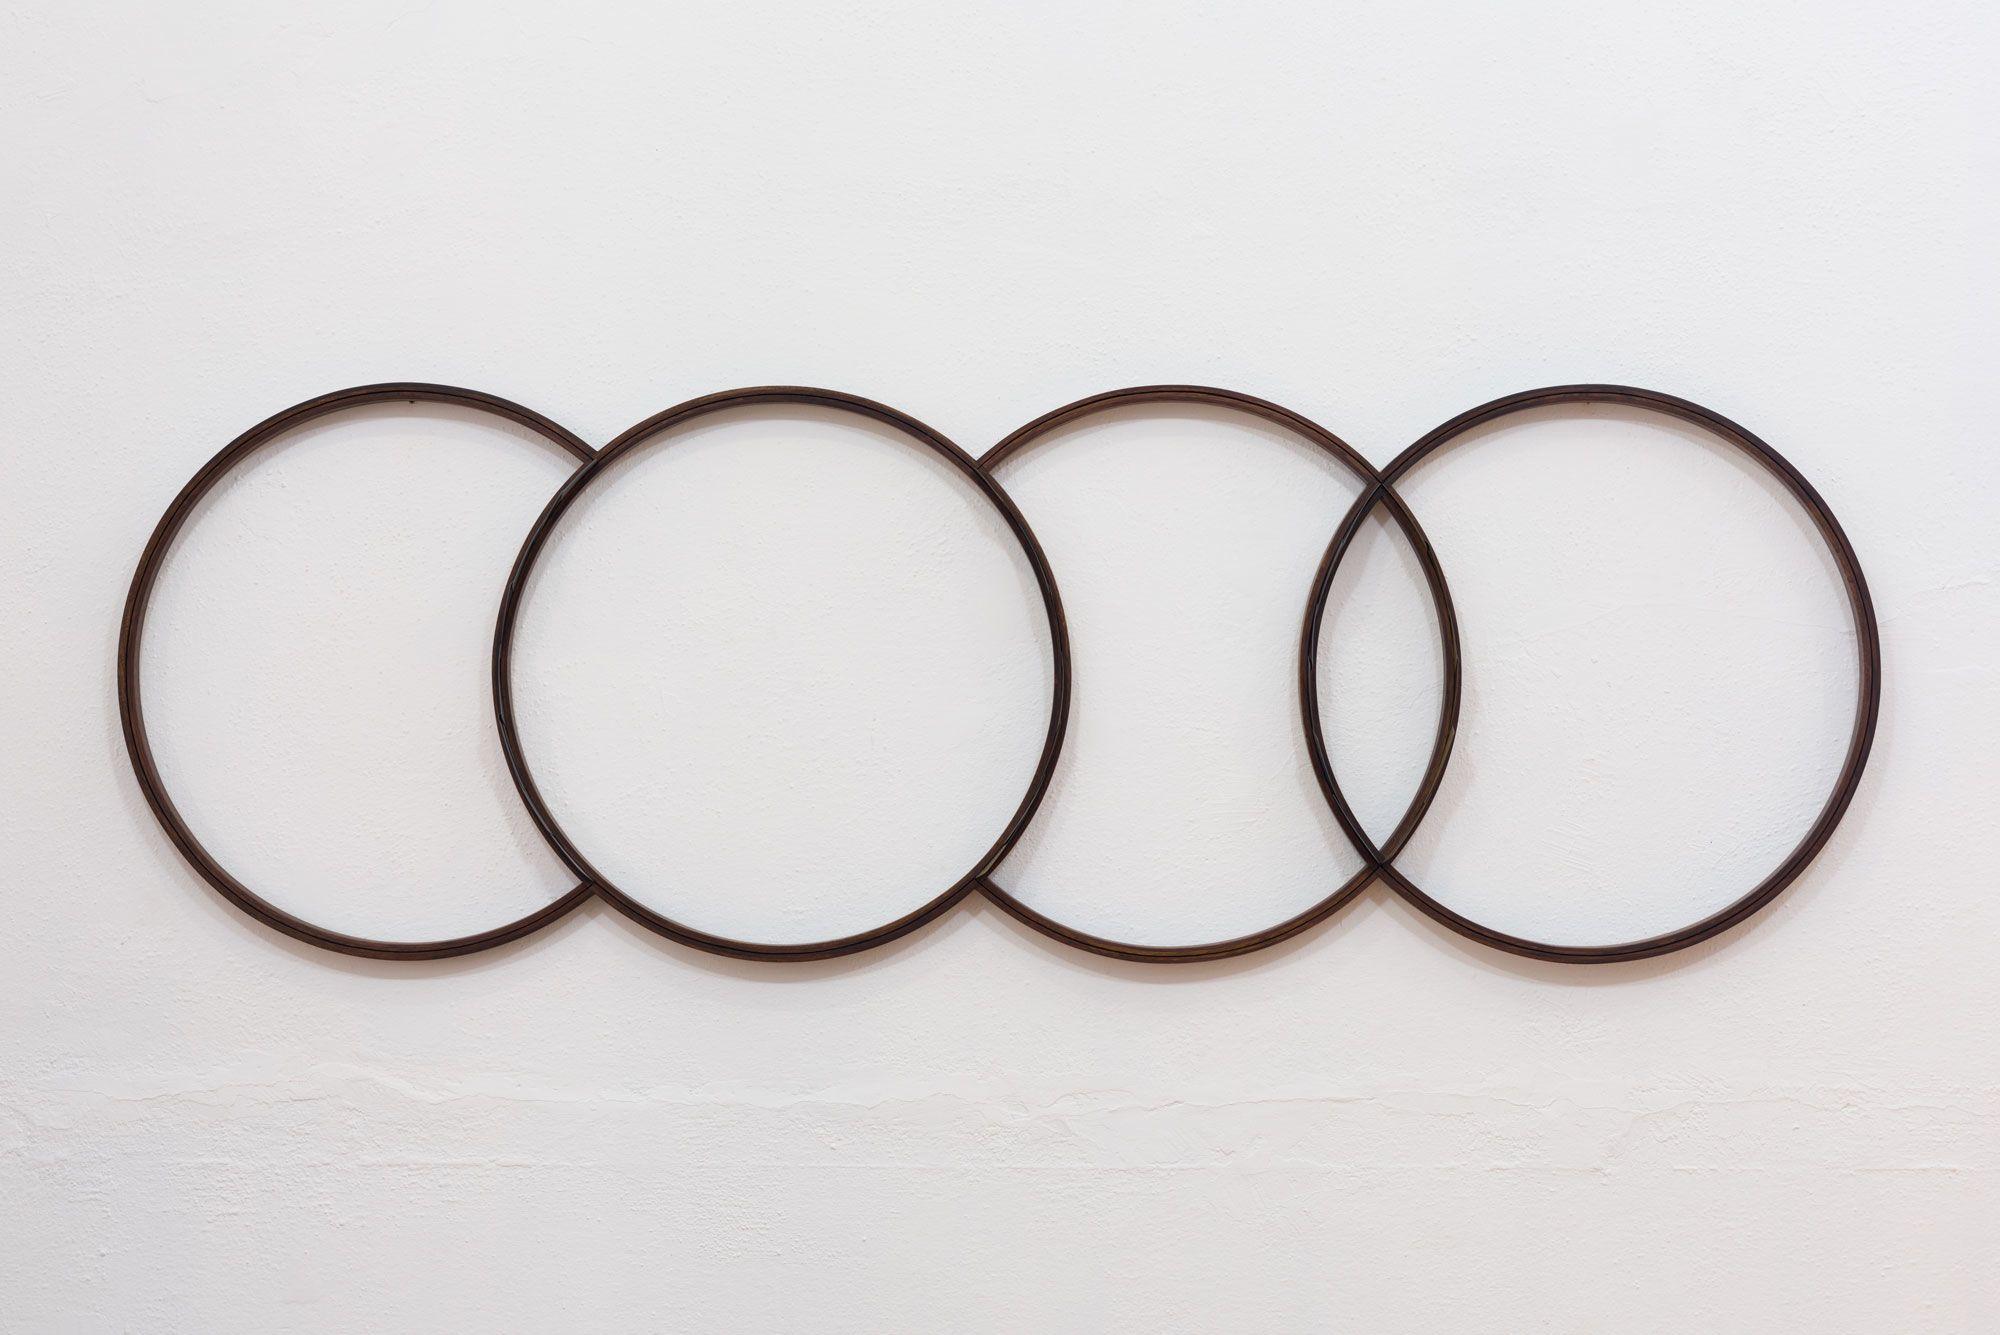 Andi—four rings